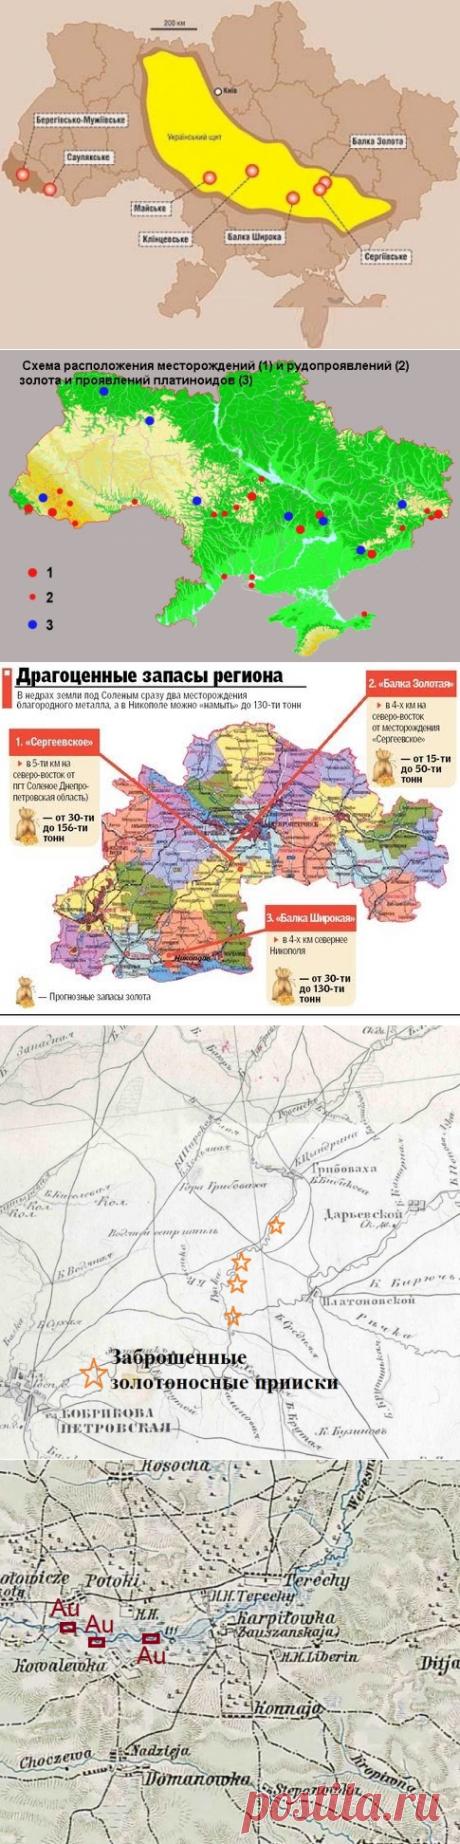 Золотая лихорадка: Как и где можно добывать старателям золото в Украине - карты и месторождения украинского золота